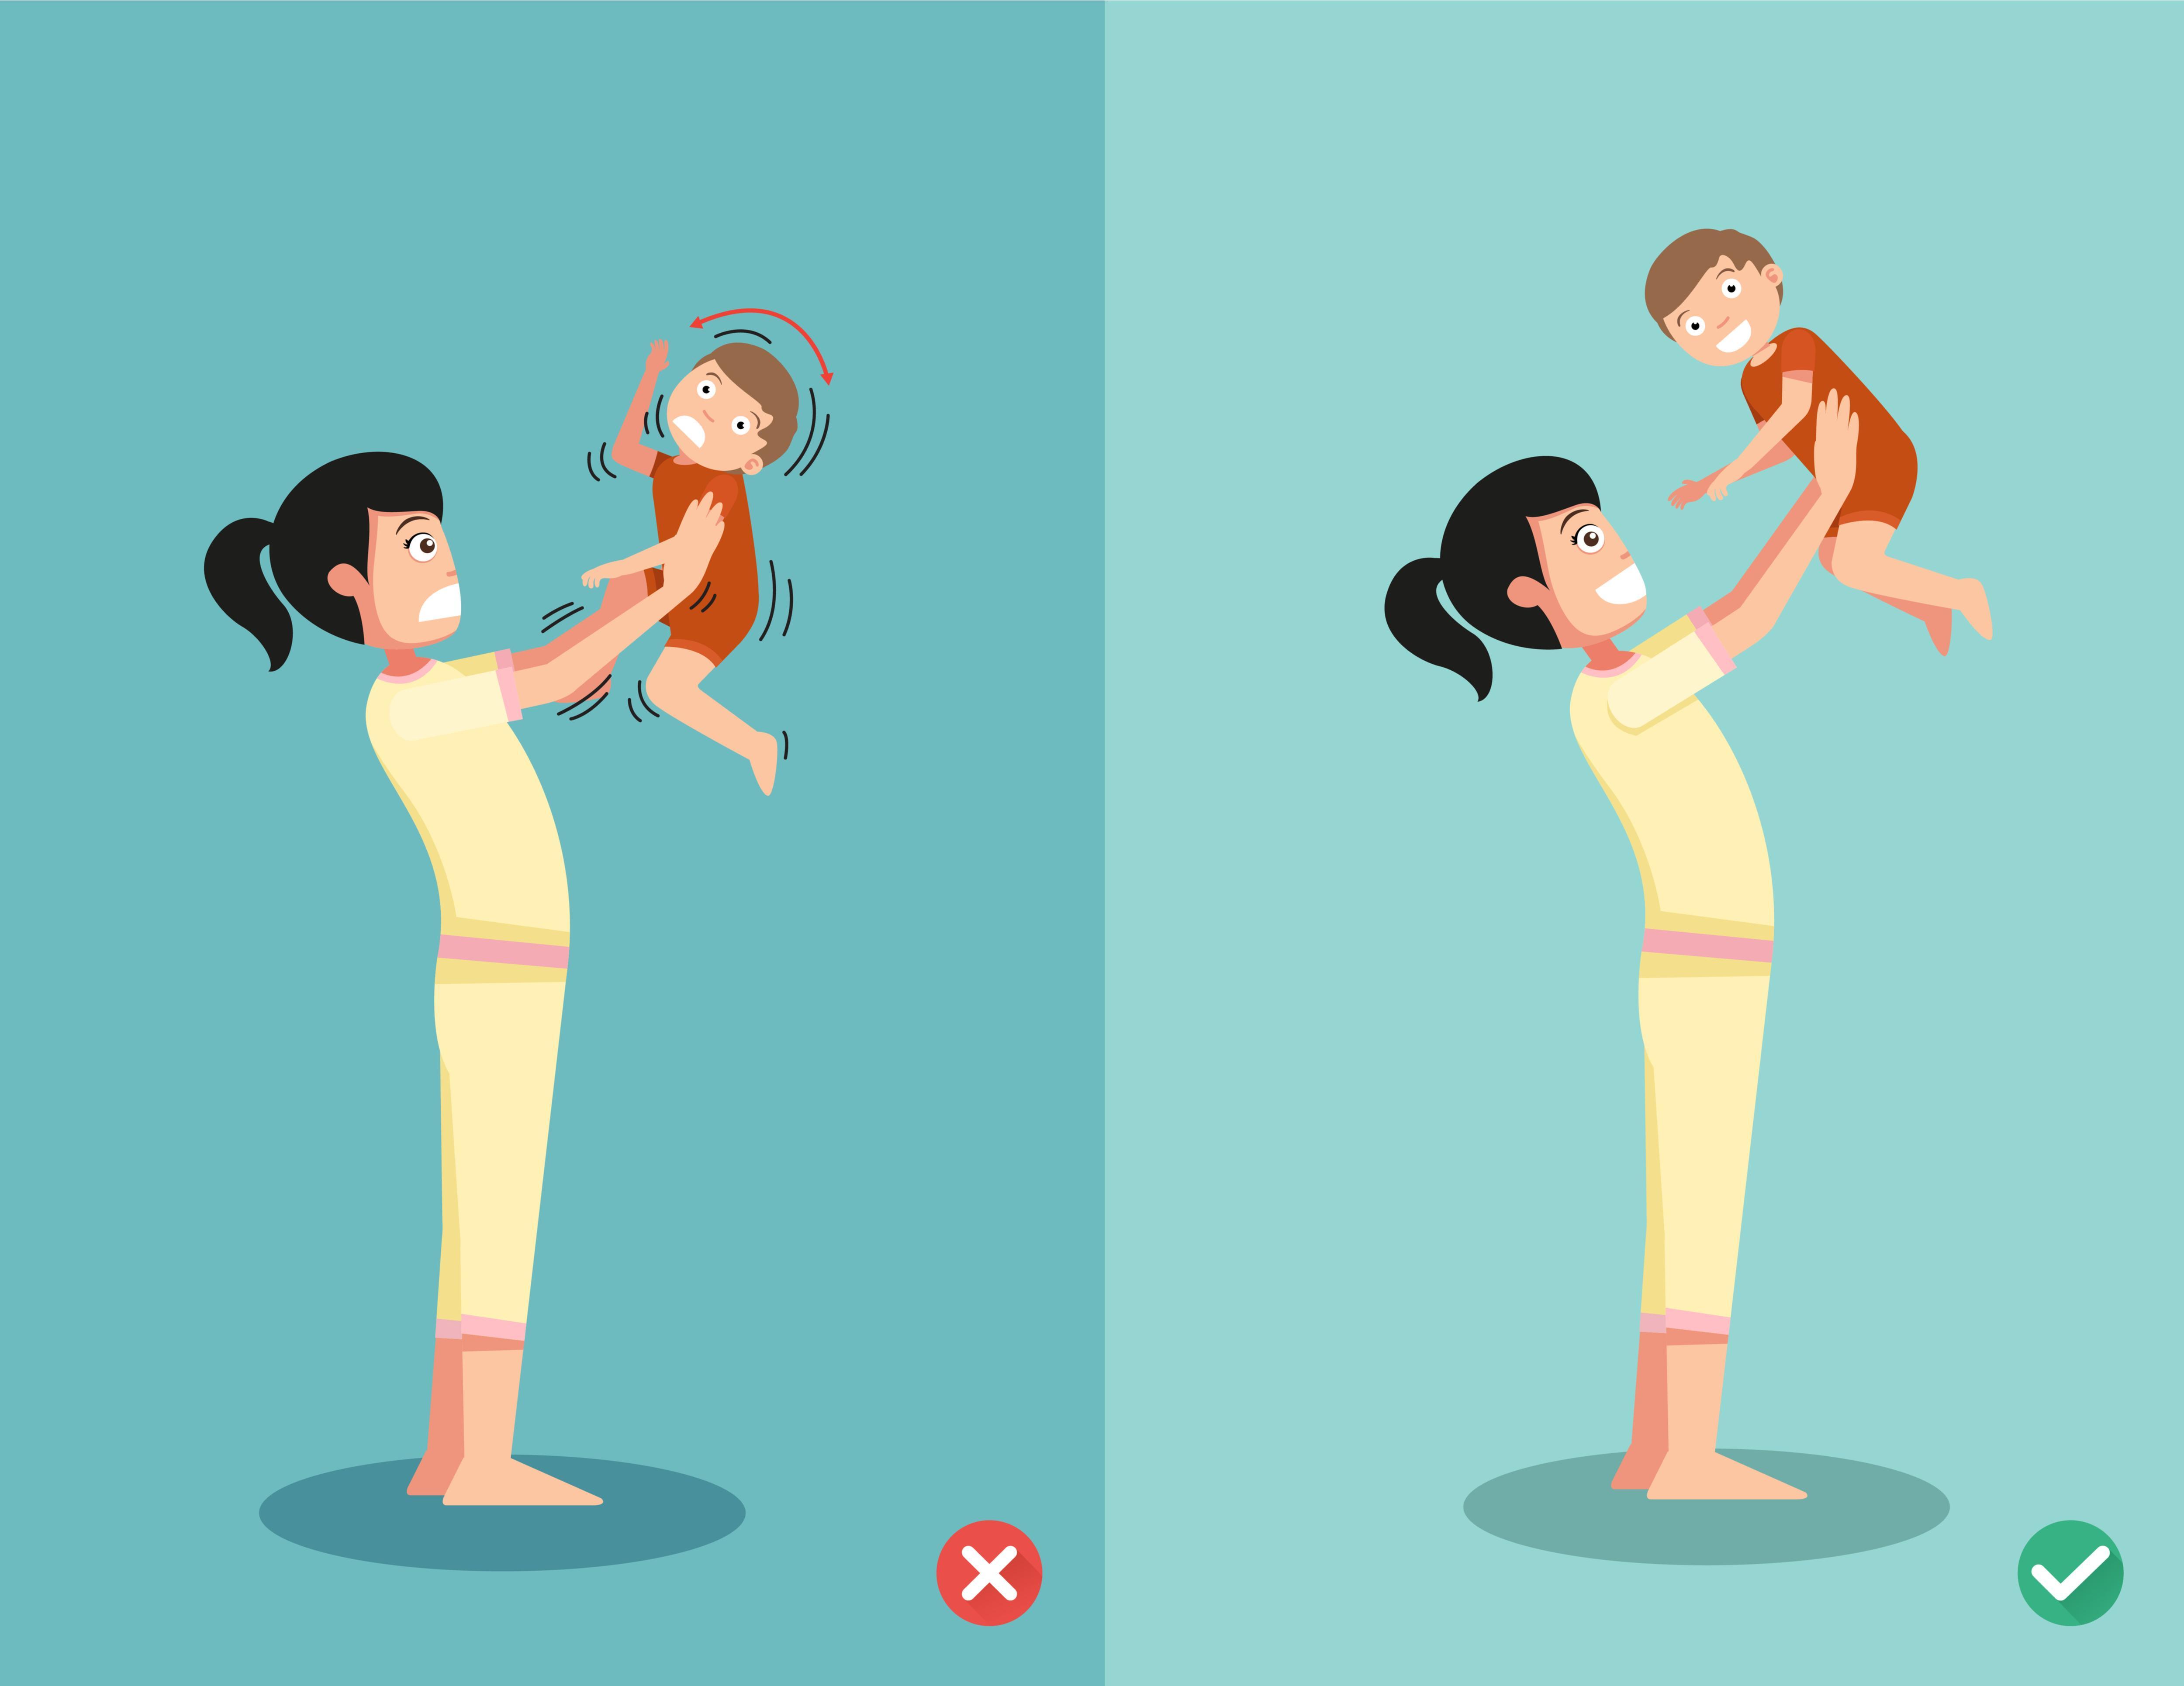 ¿Por qué nunca debes sacudir a tu bebé para calmarlo?